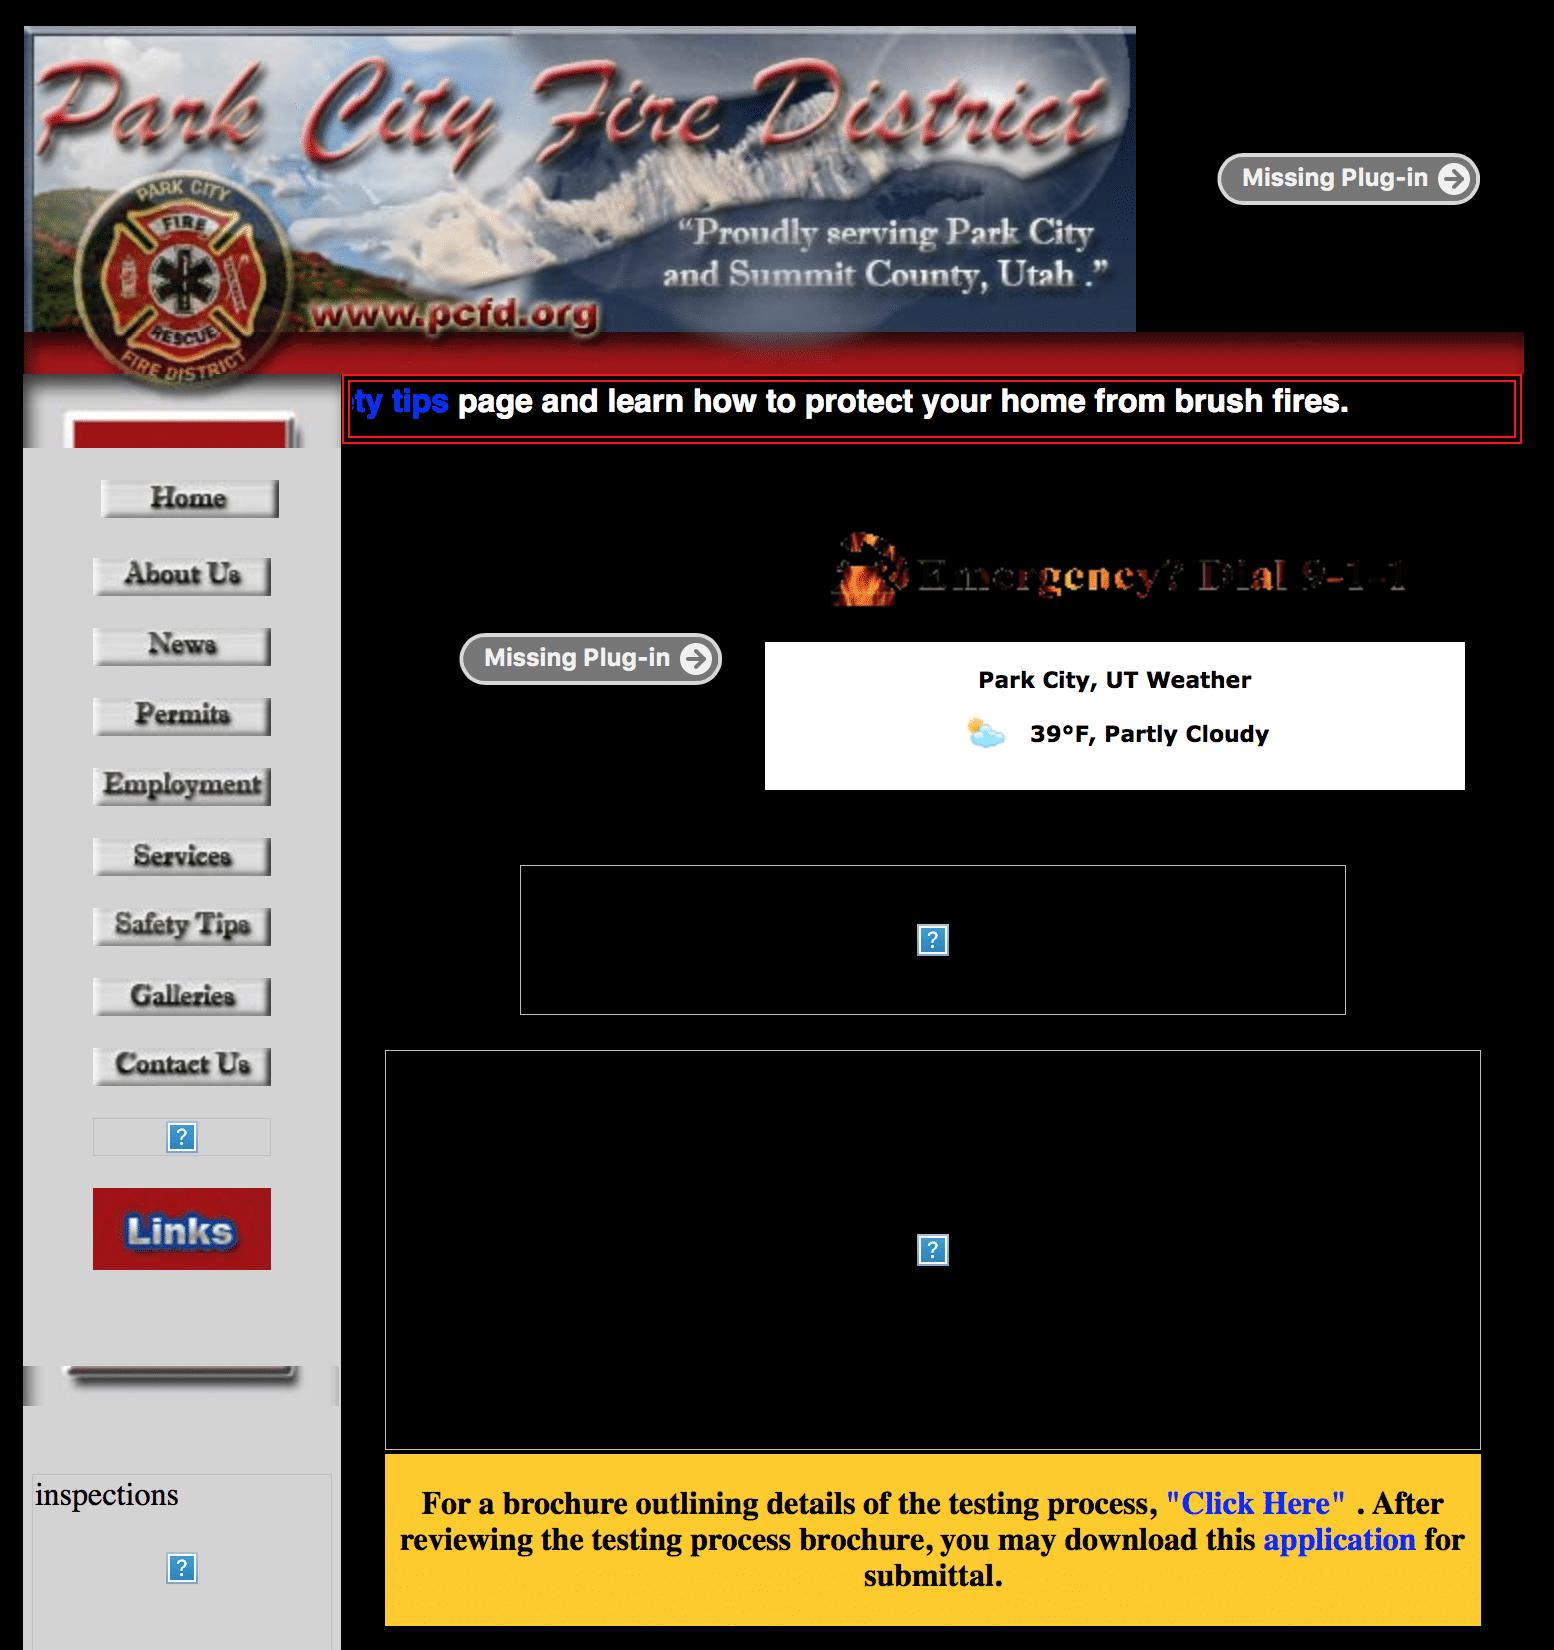 PCFD website, circa 2008